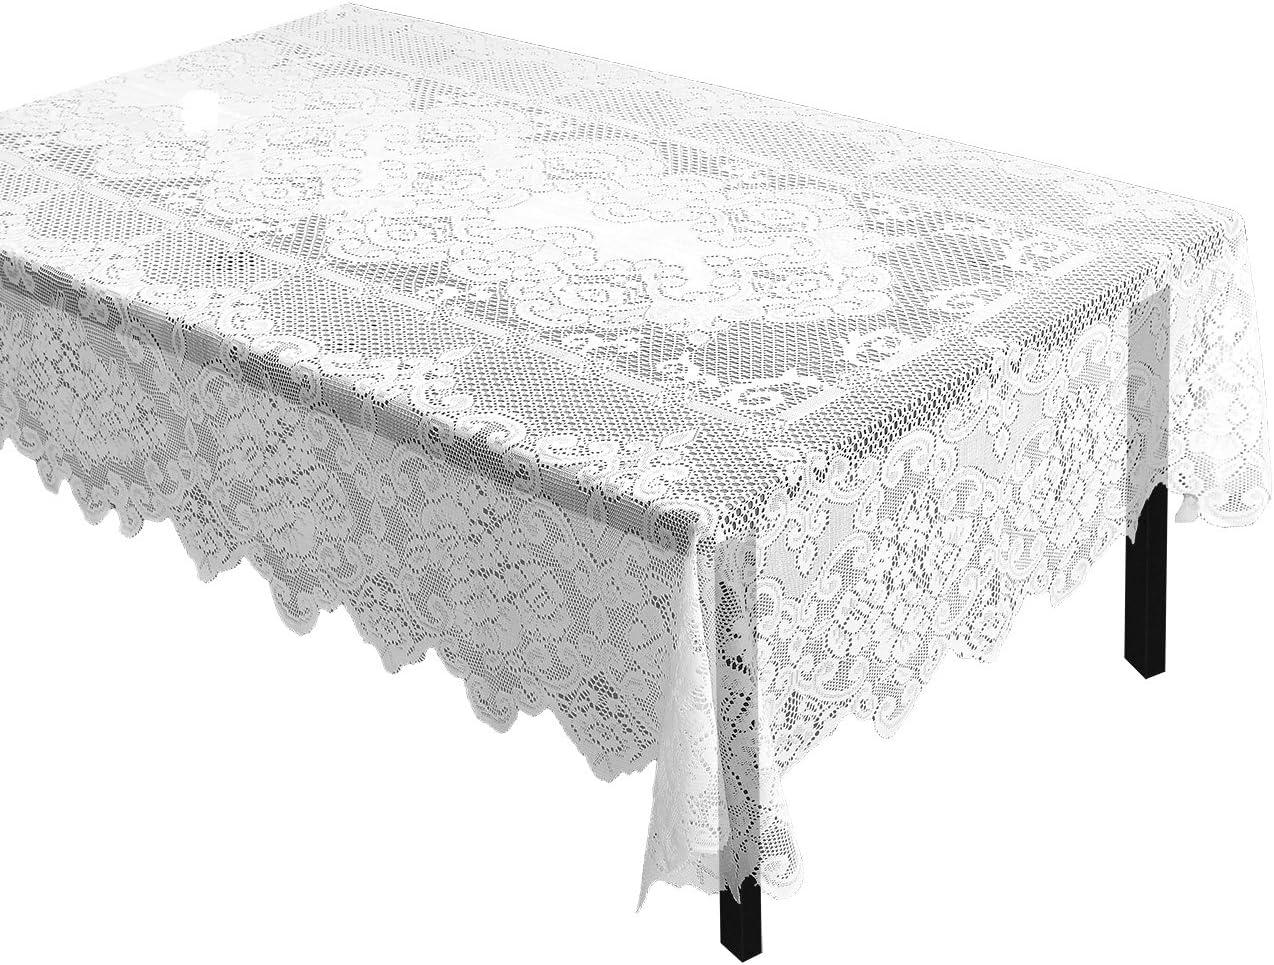 Amazon.com: Juvale - Mantel de encaje blanco para decoración ...